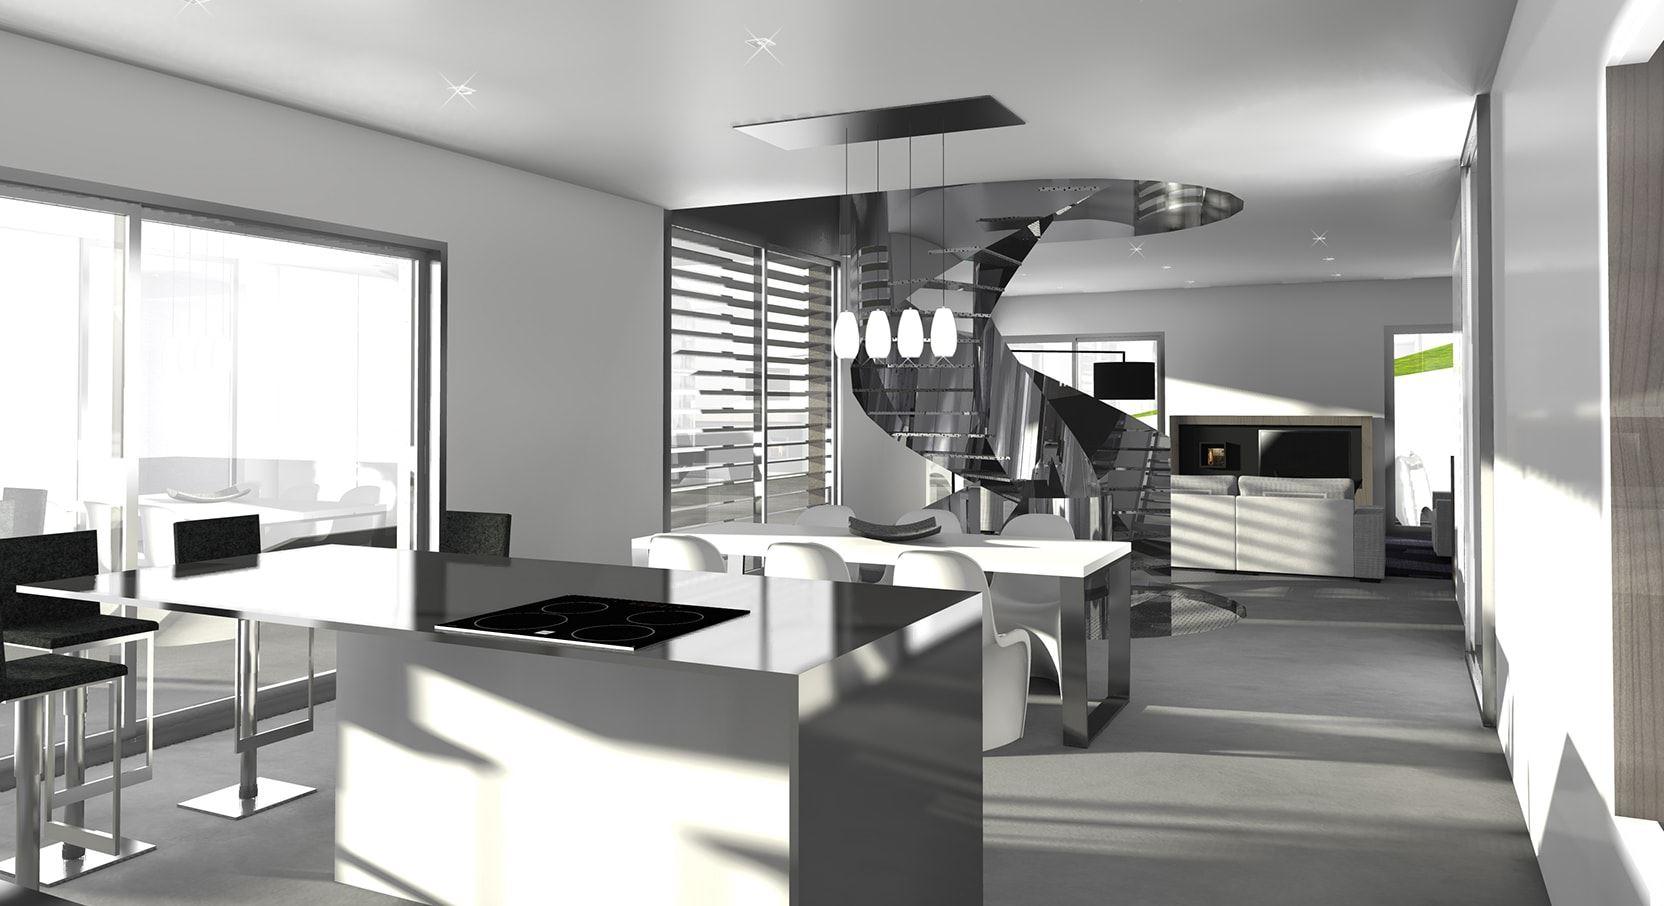 maison d architecte lyon great maison forme module ultra moderne prs de lyon with maison d. Black Bedroom Furniture Sets. Home Design Ideas